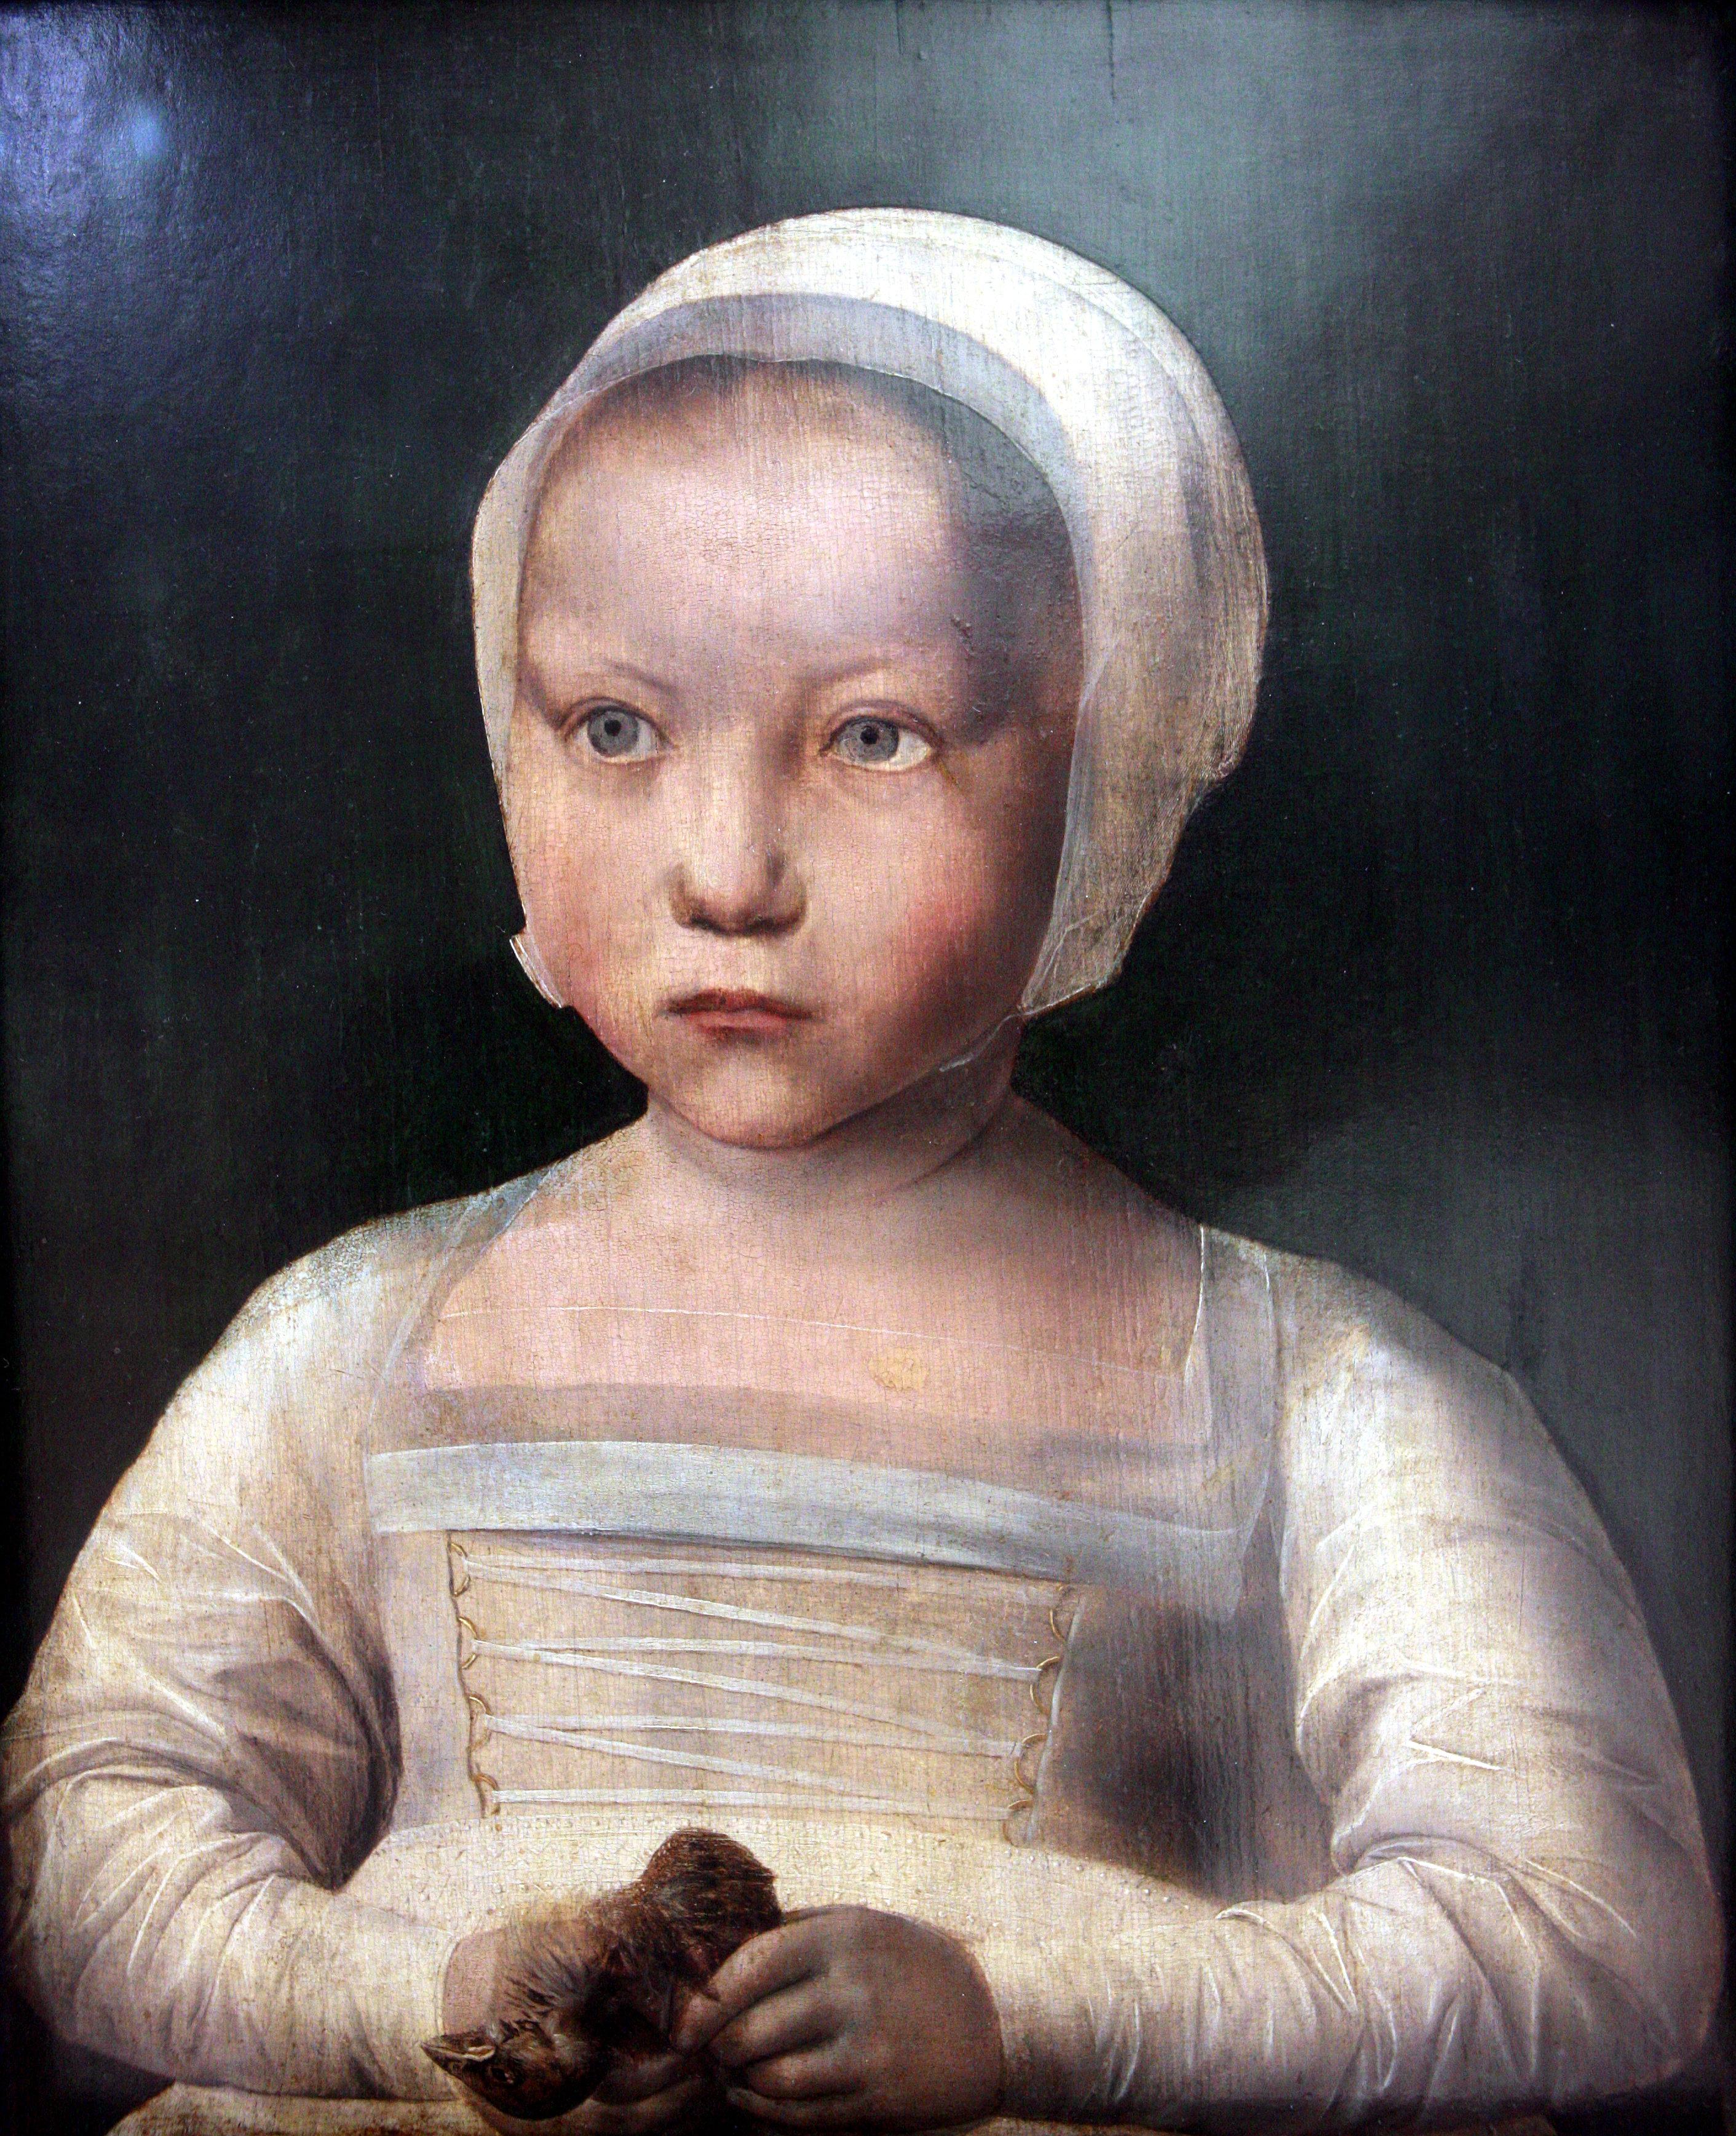 'little child with dead bird' c.1510s, Flemish, Koninklijke Musea voor Schone Kunsten van België